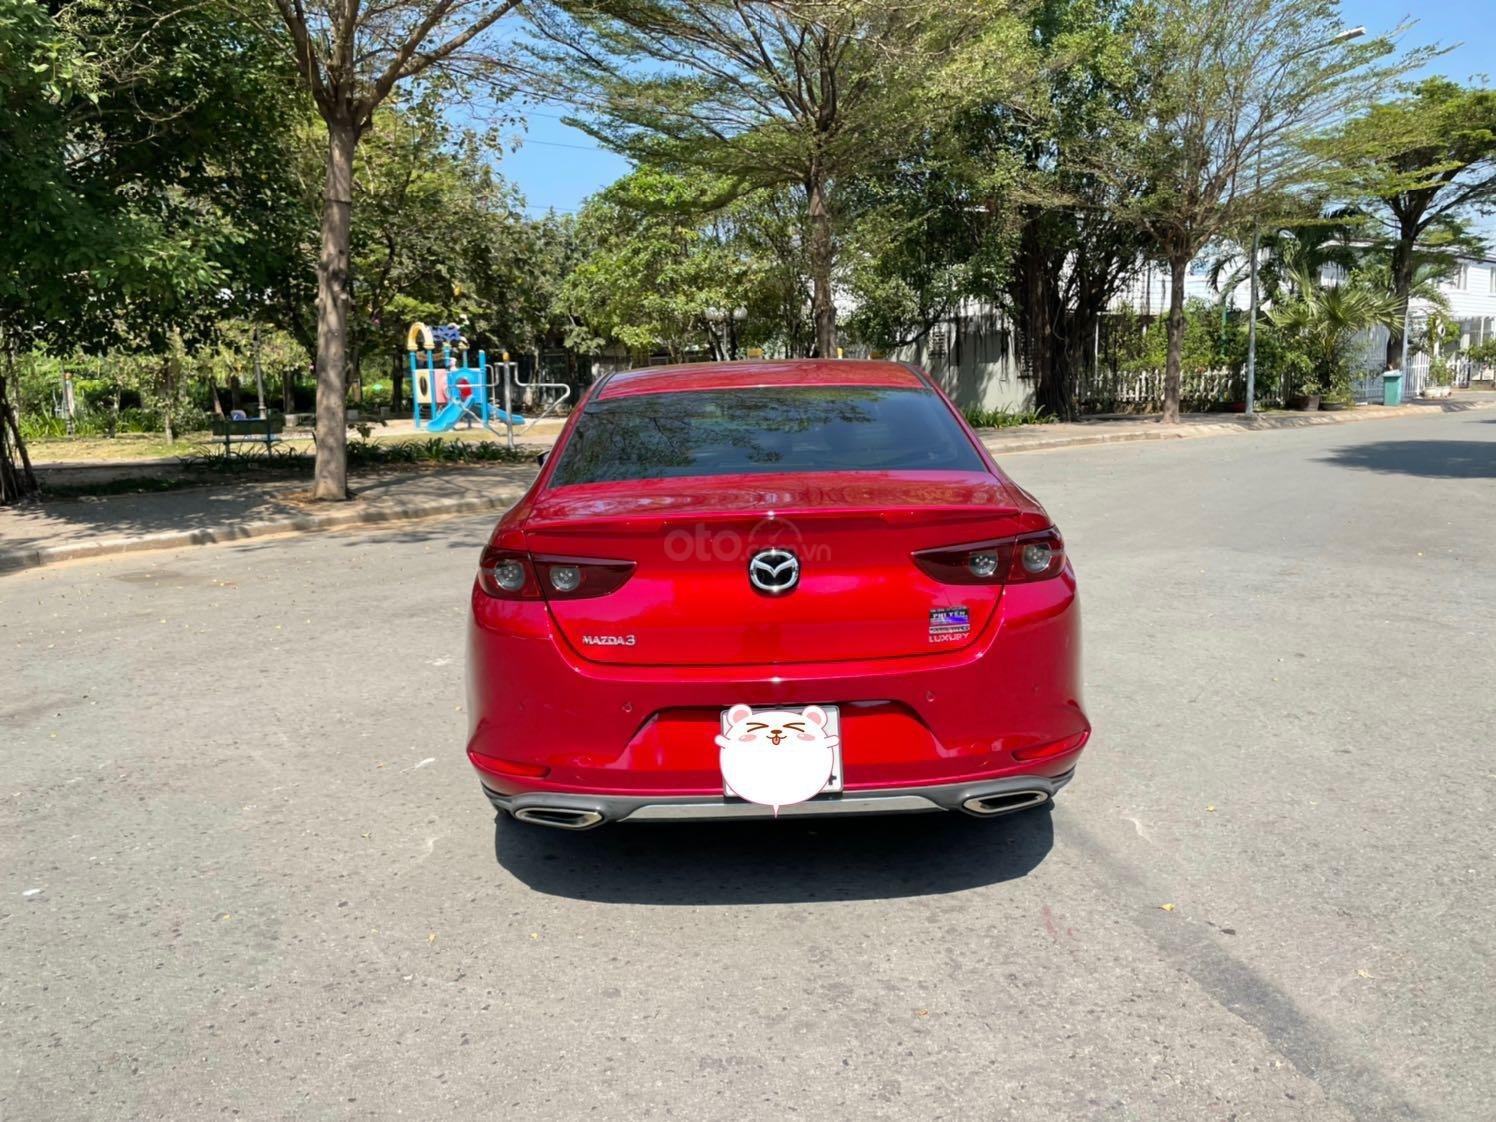 Bán ô tô Mazda 3 đời 2020, màu đỏ còn mới giá tốt 722 triệu đồng (6)